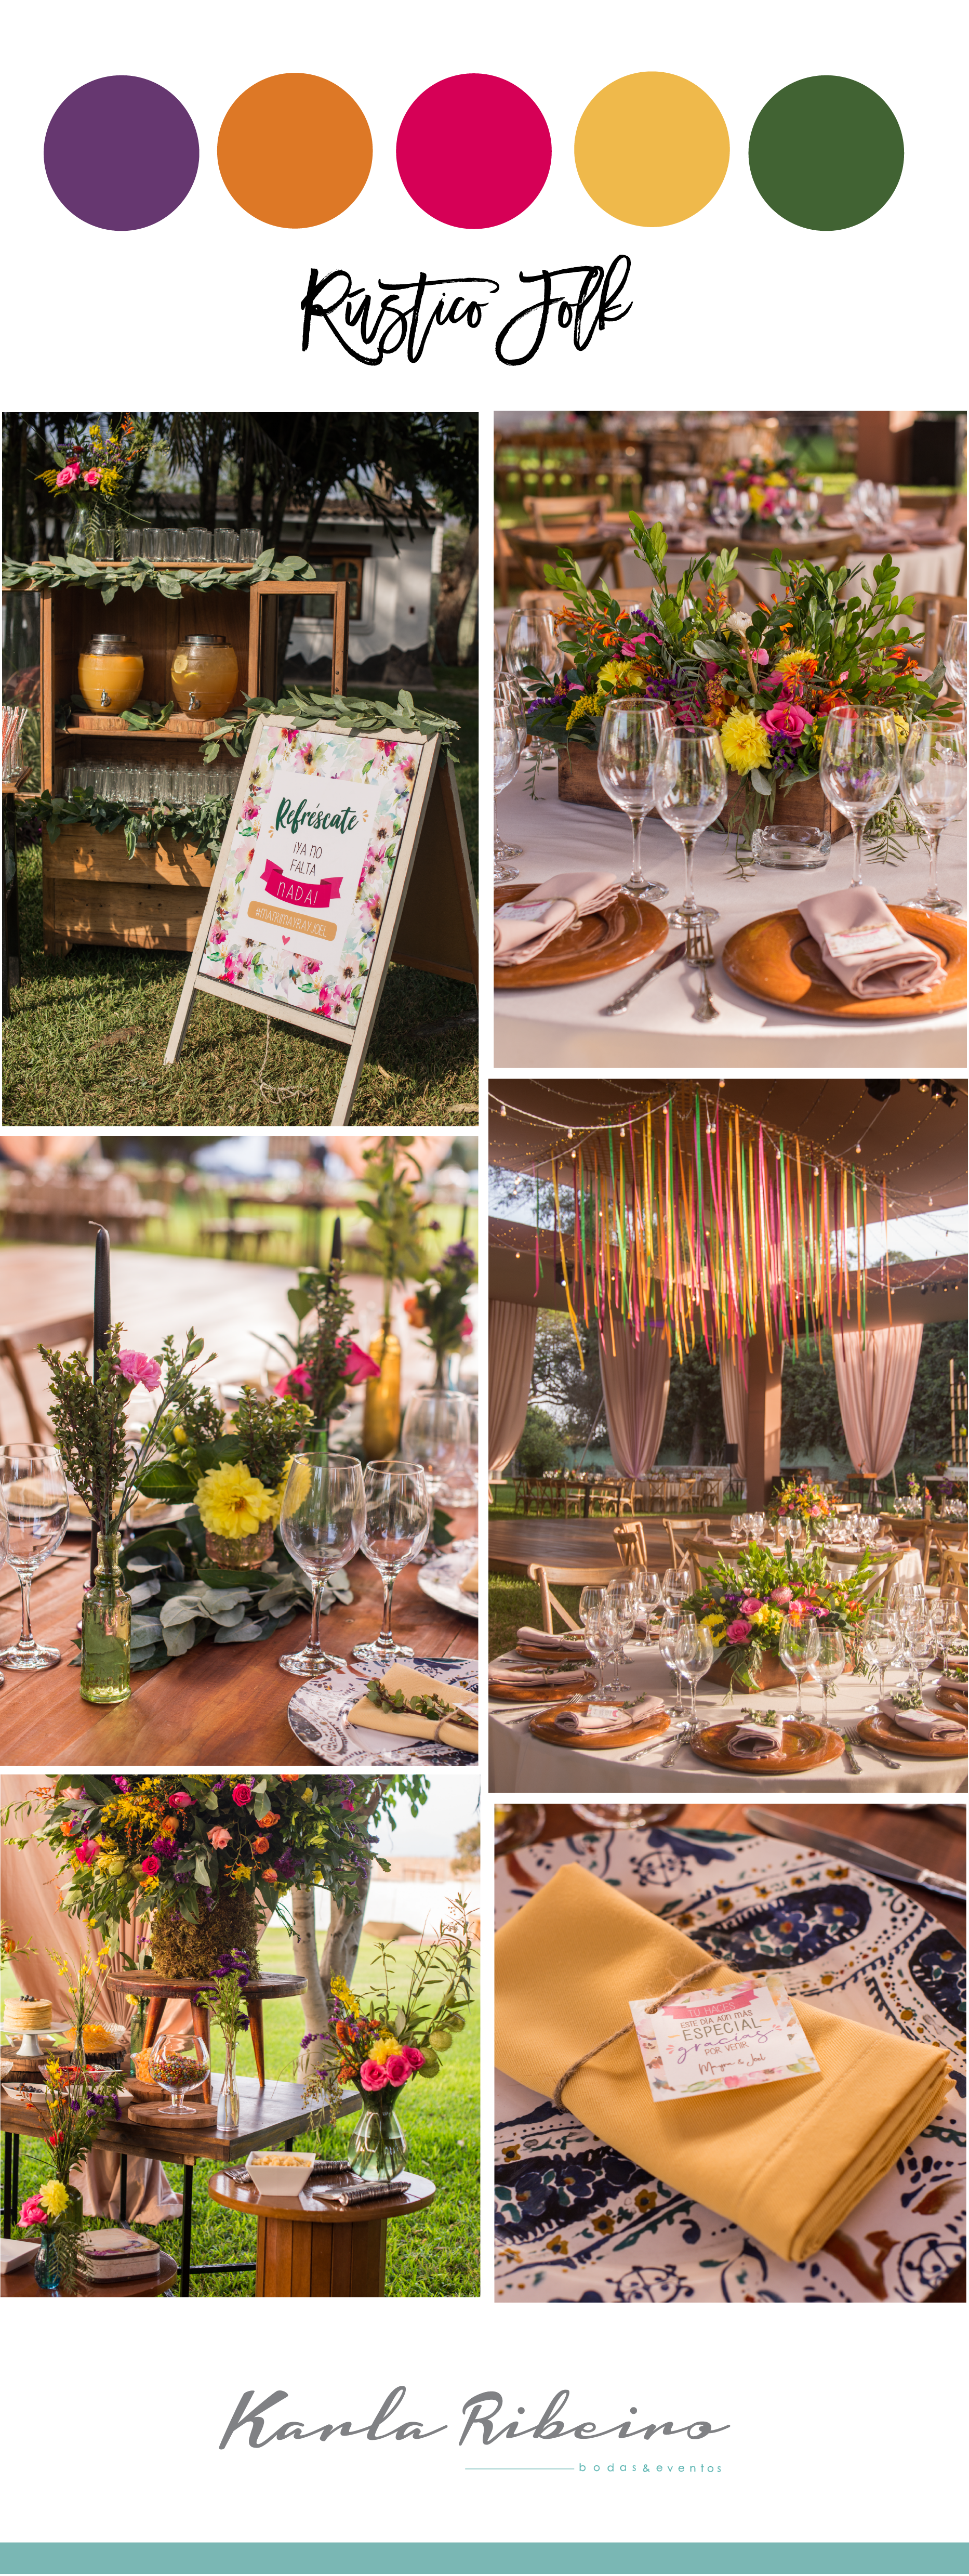 36++ Decoracion bodas estilo rustico ideas in 2021